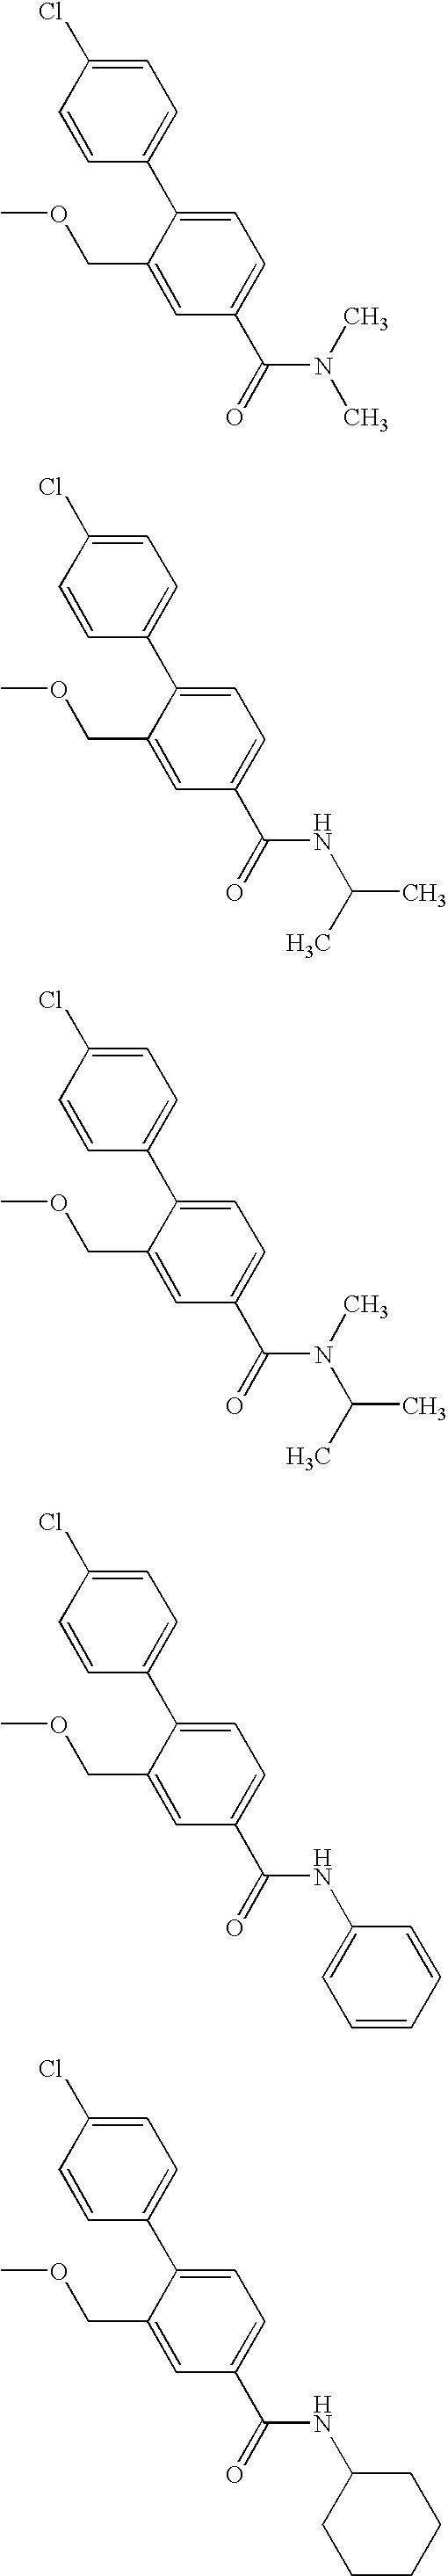 Figure US20070049593A1-20070301-C00230